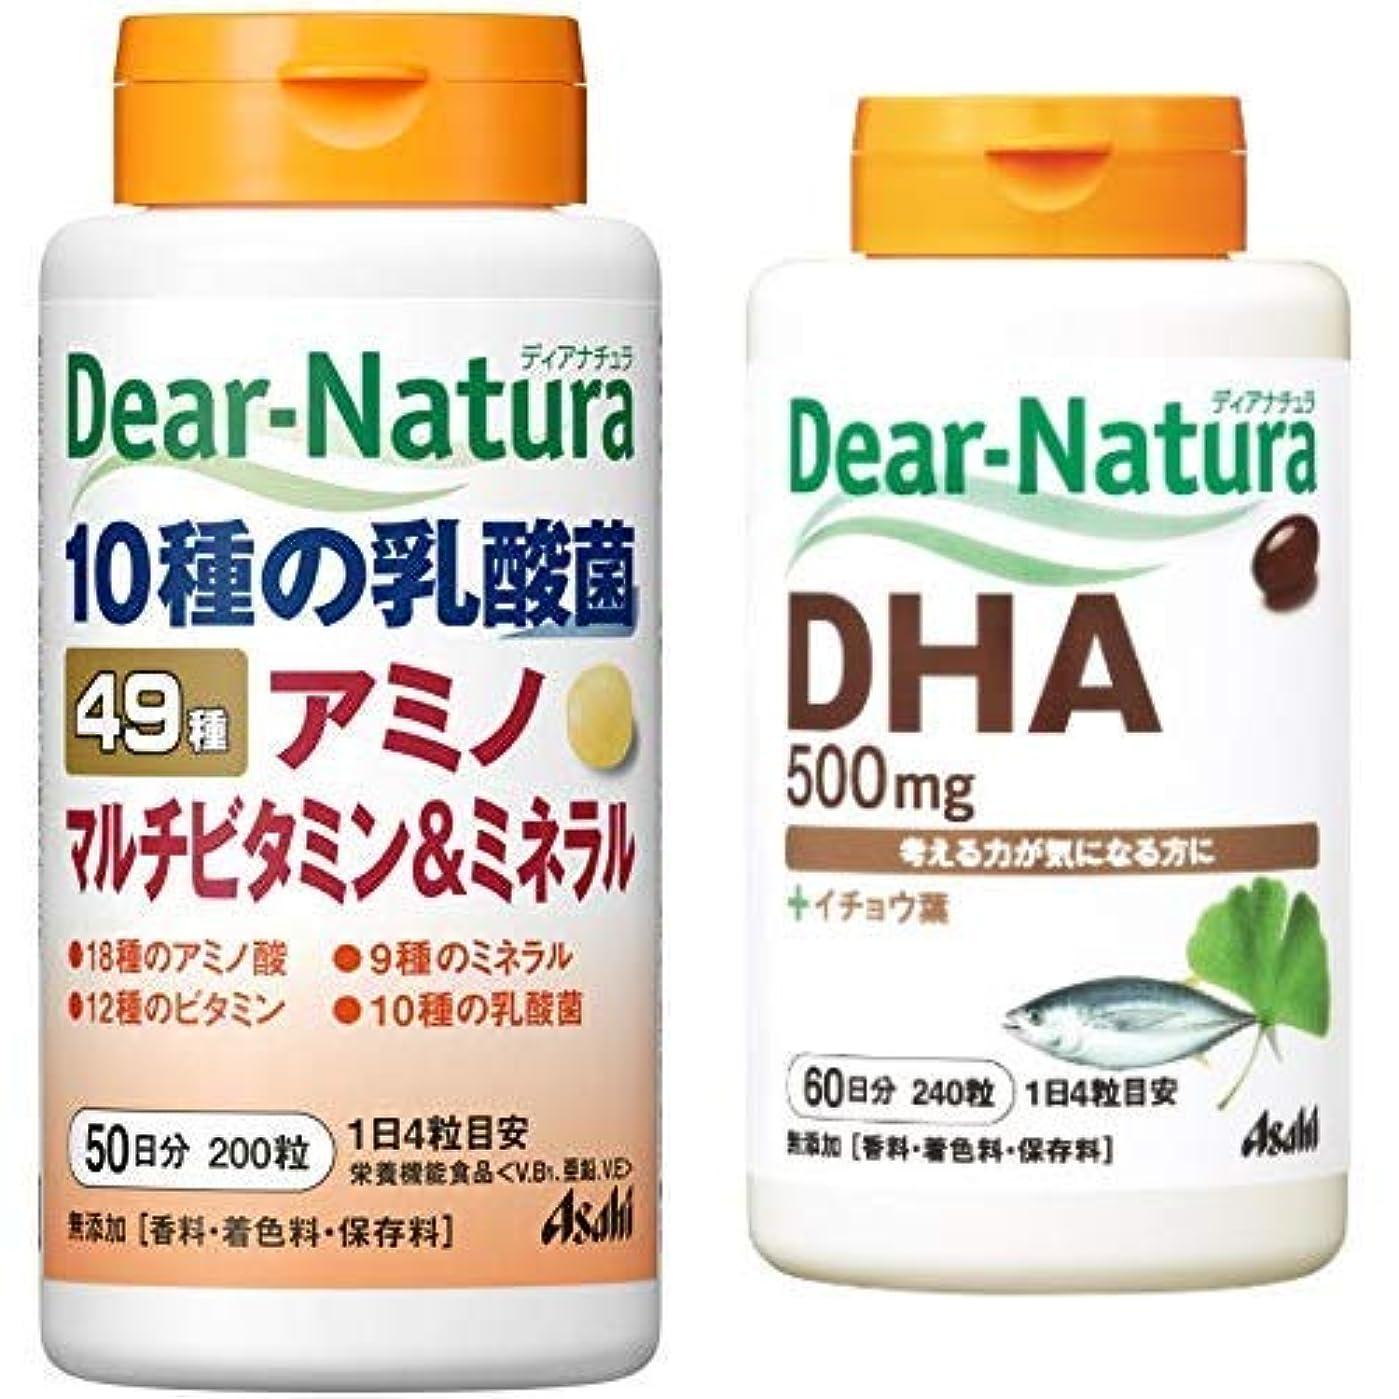 ハイキング酔っ払いクラブ【セット買い】ディアナチュラ マルチビタミン&ミネラル 50日分 & DHA 60日分